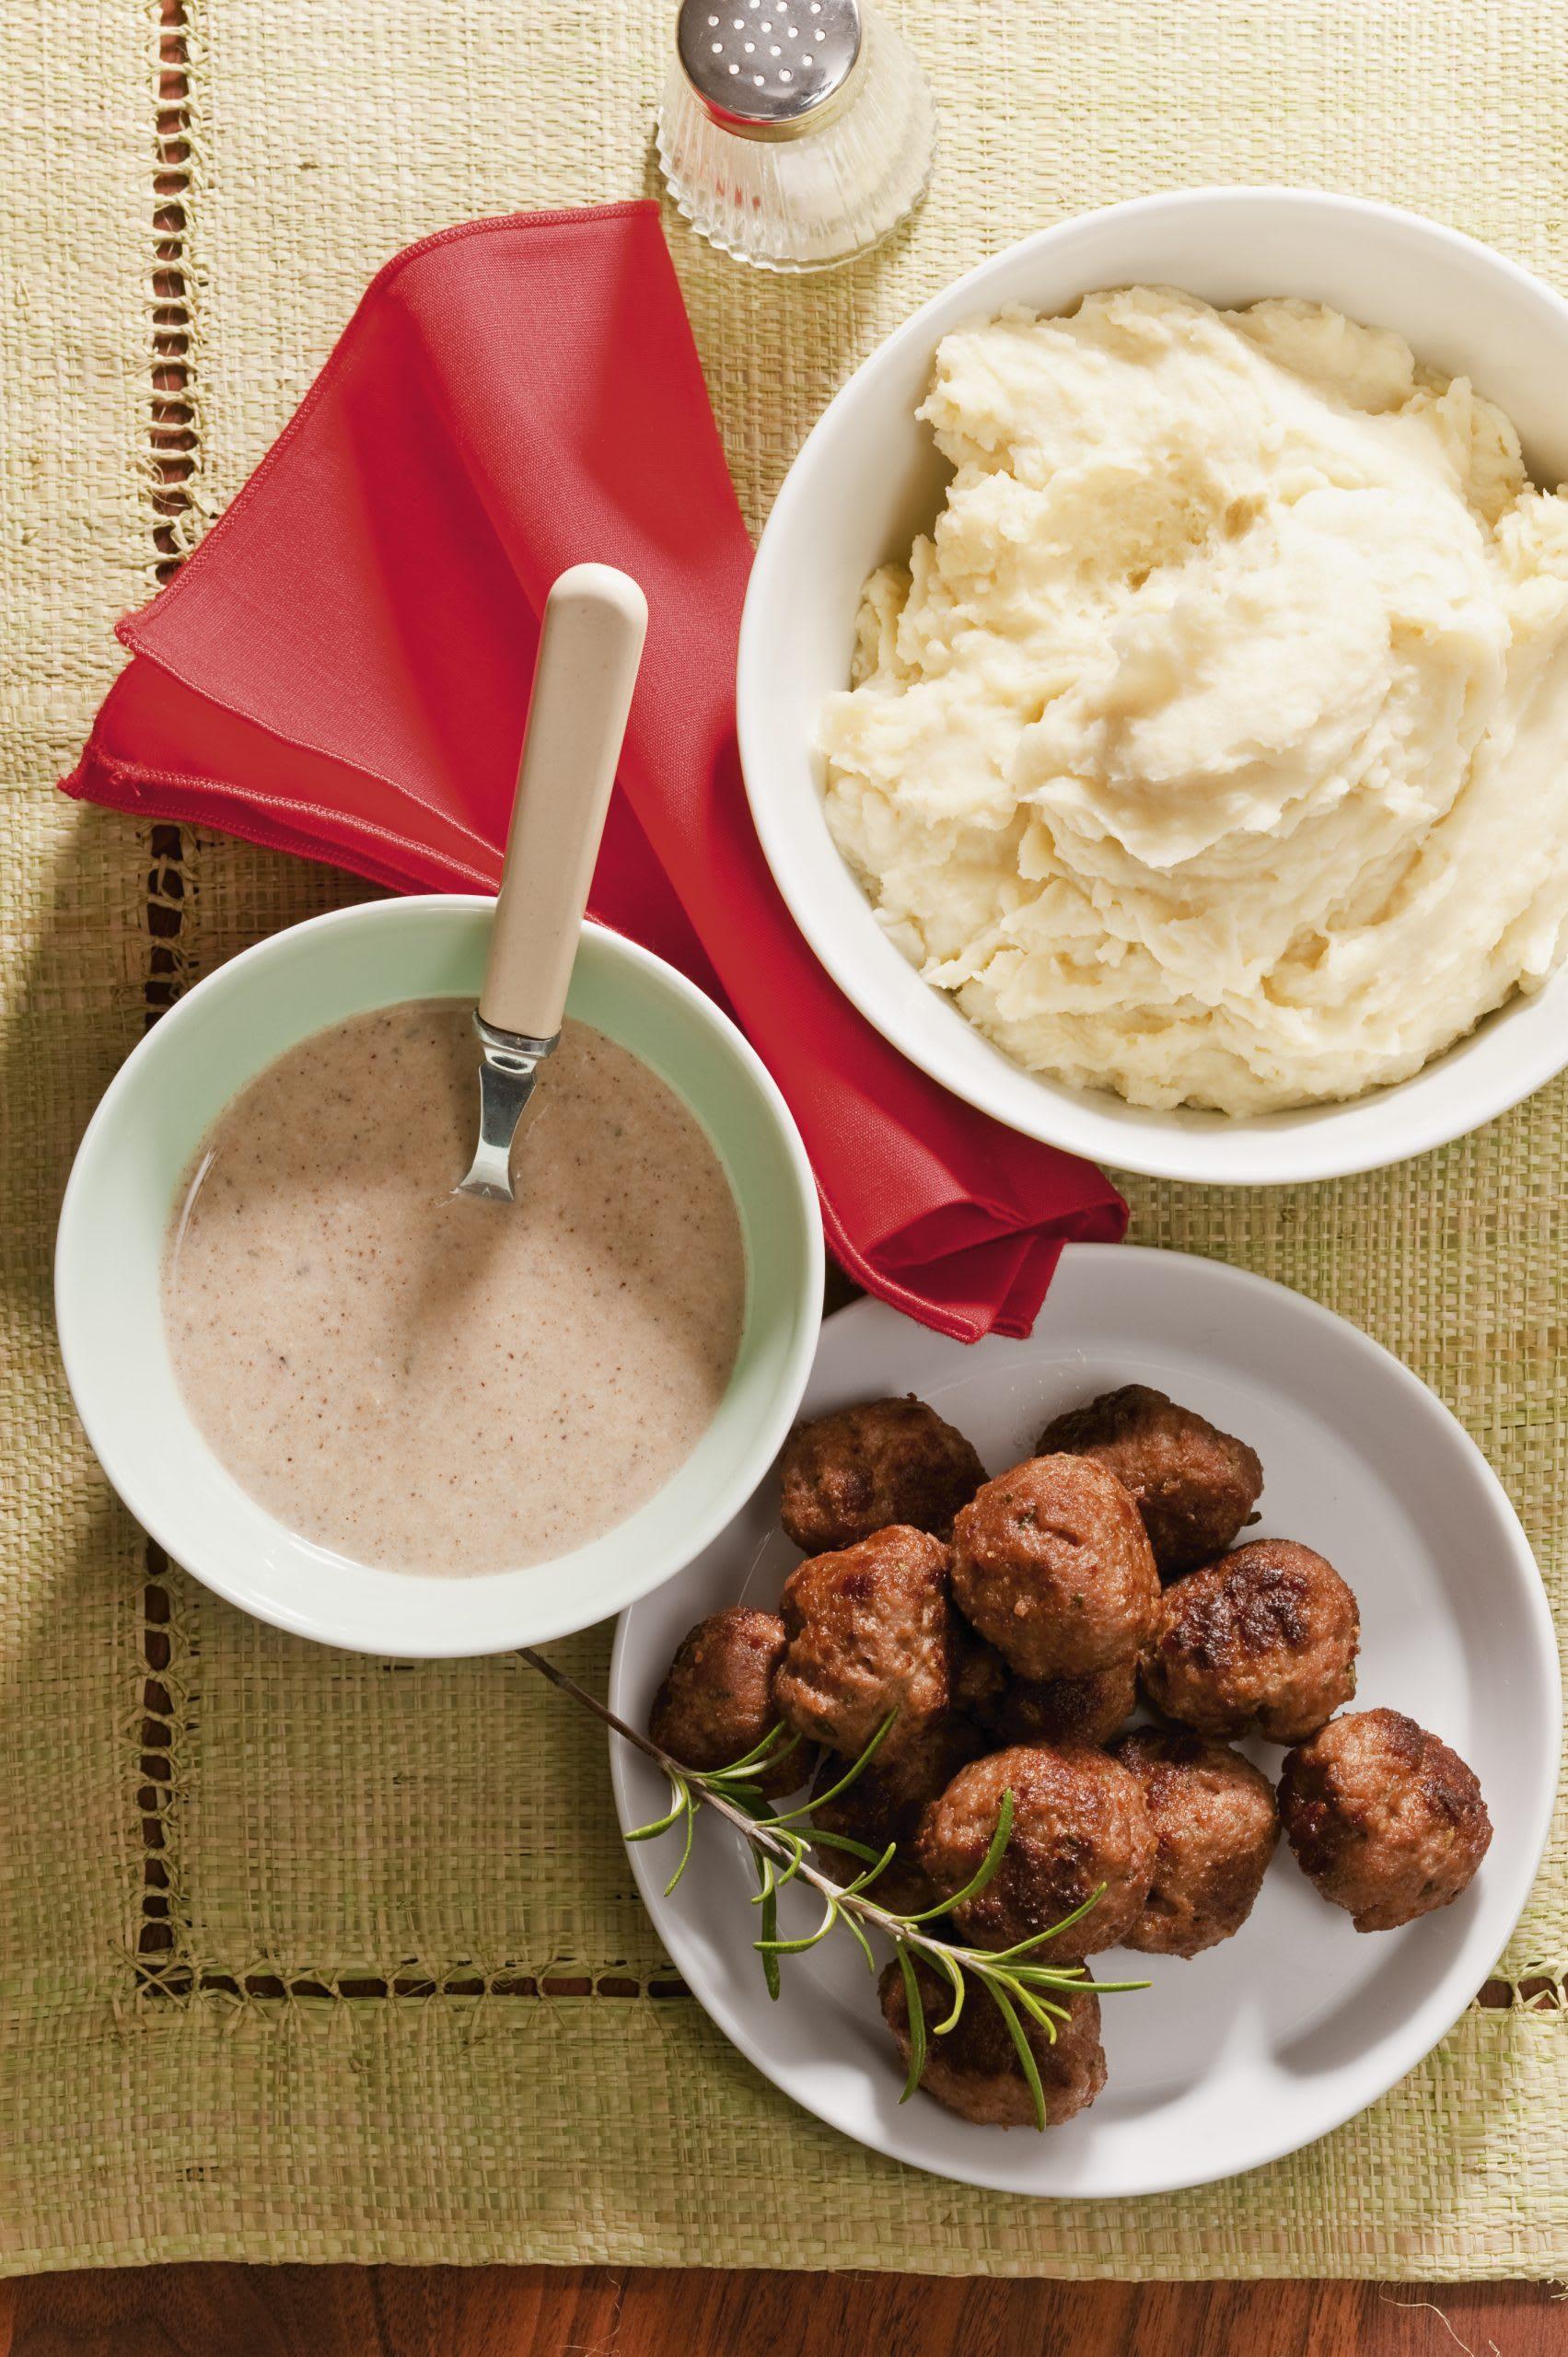 Purée de pommes de terre et boulettes de viande hachée